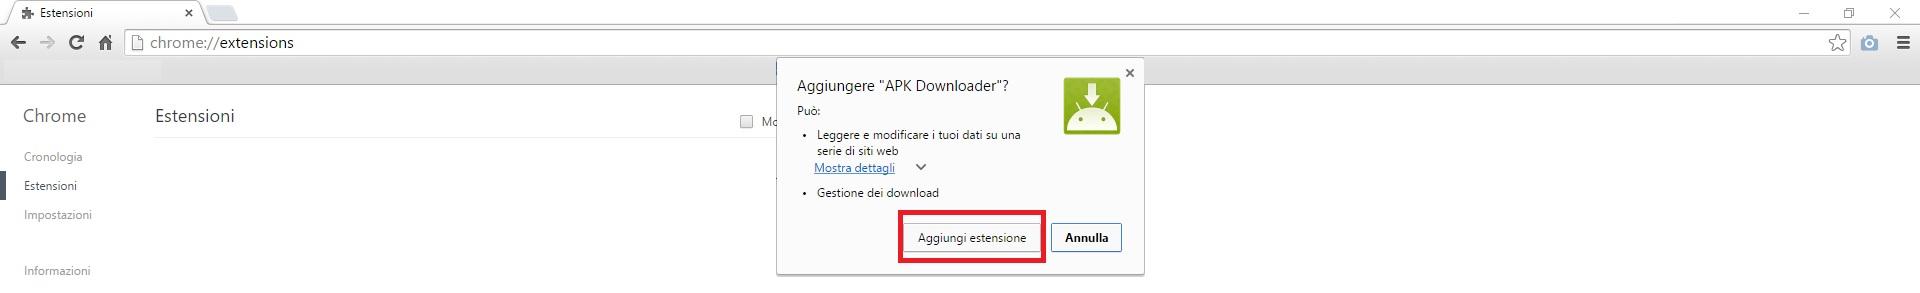 chrome_apk_downloader_install